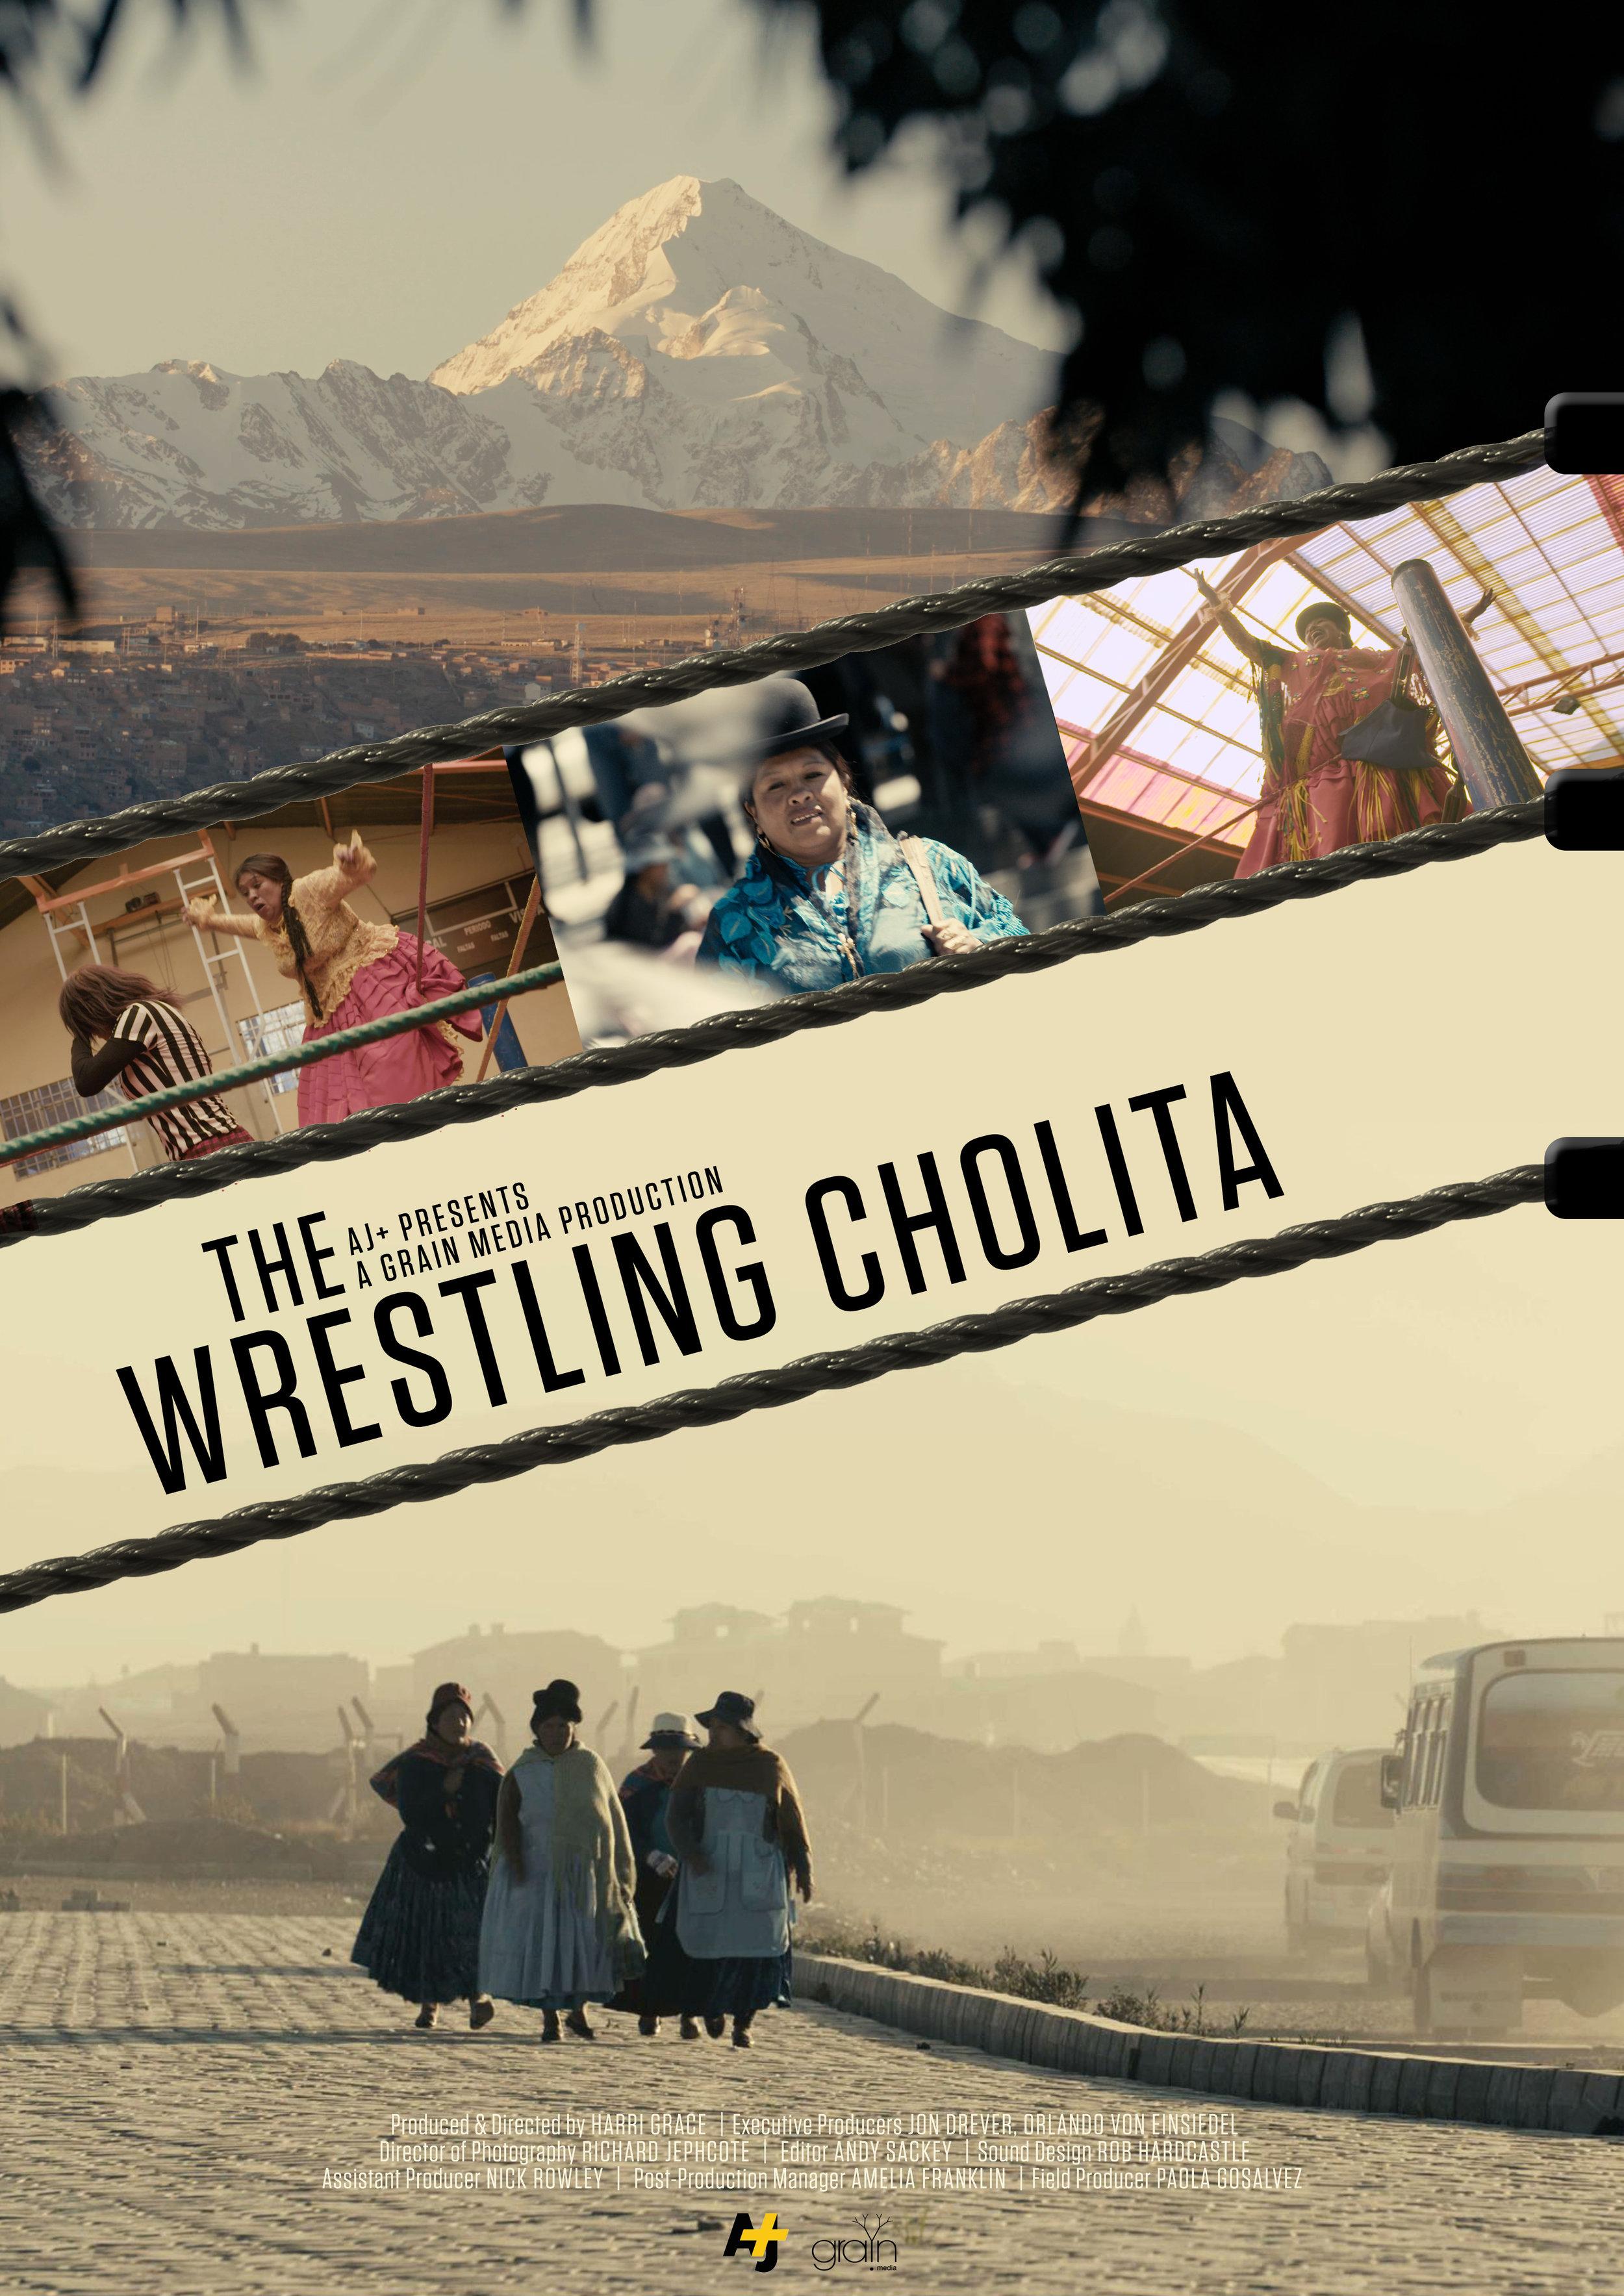 The Wrestling Cholita Poster.jpg